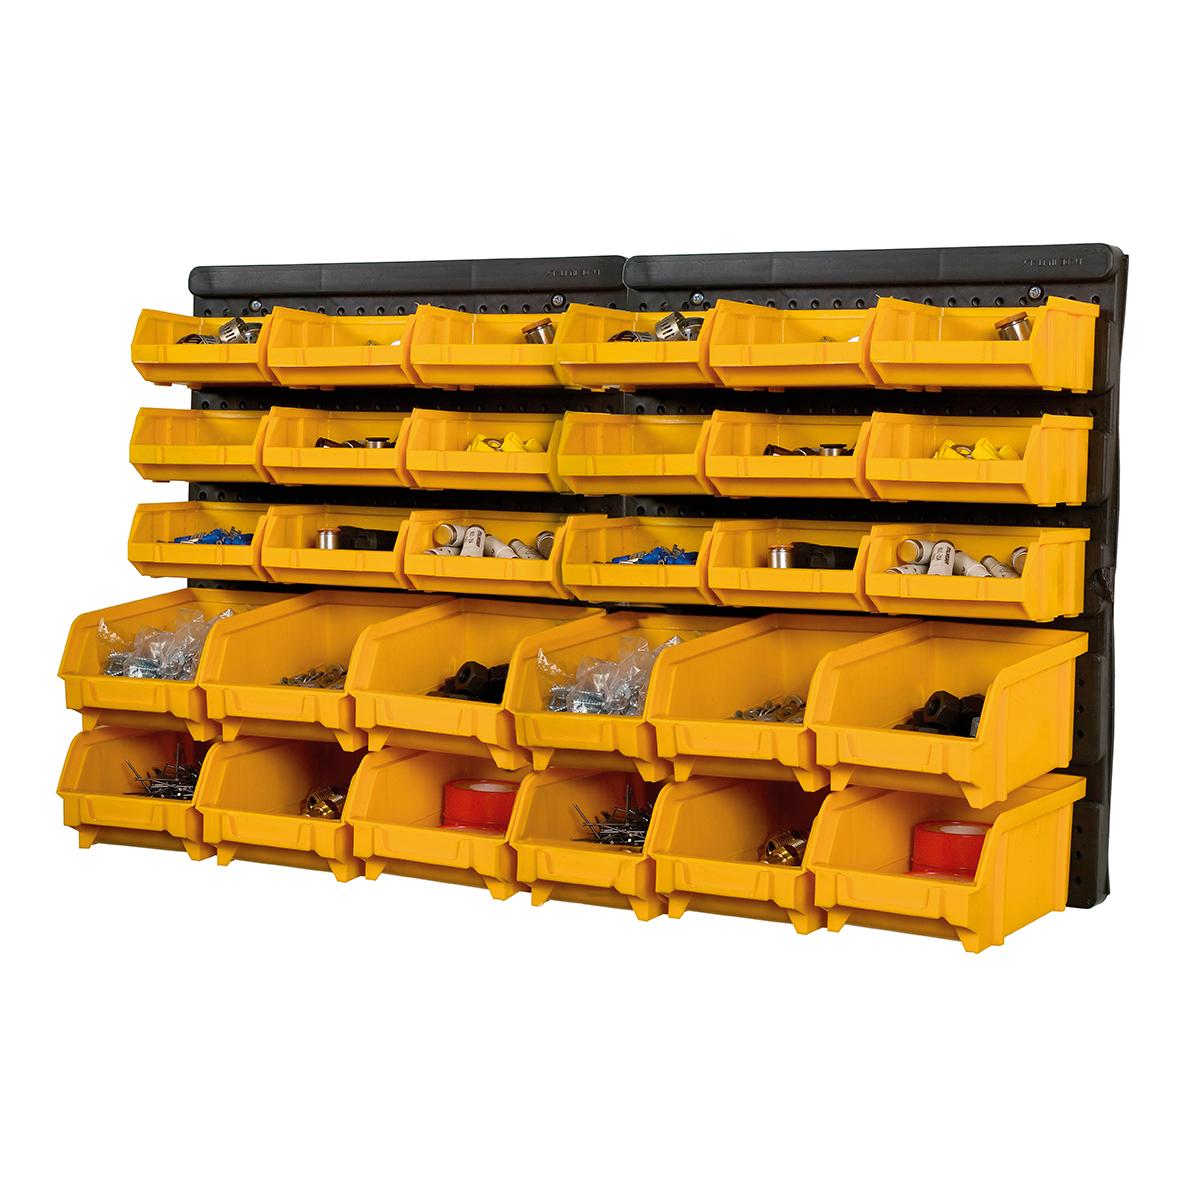 Part Storage For Garages : Plastic bin kit wall garage storage parts bins tool